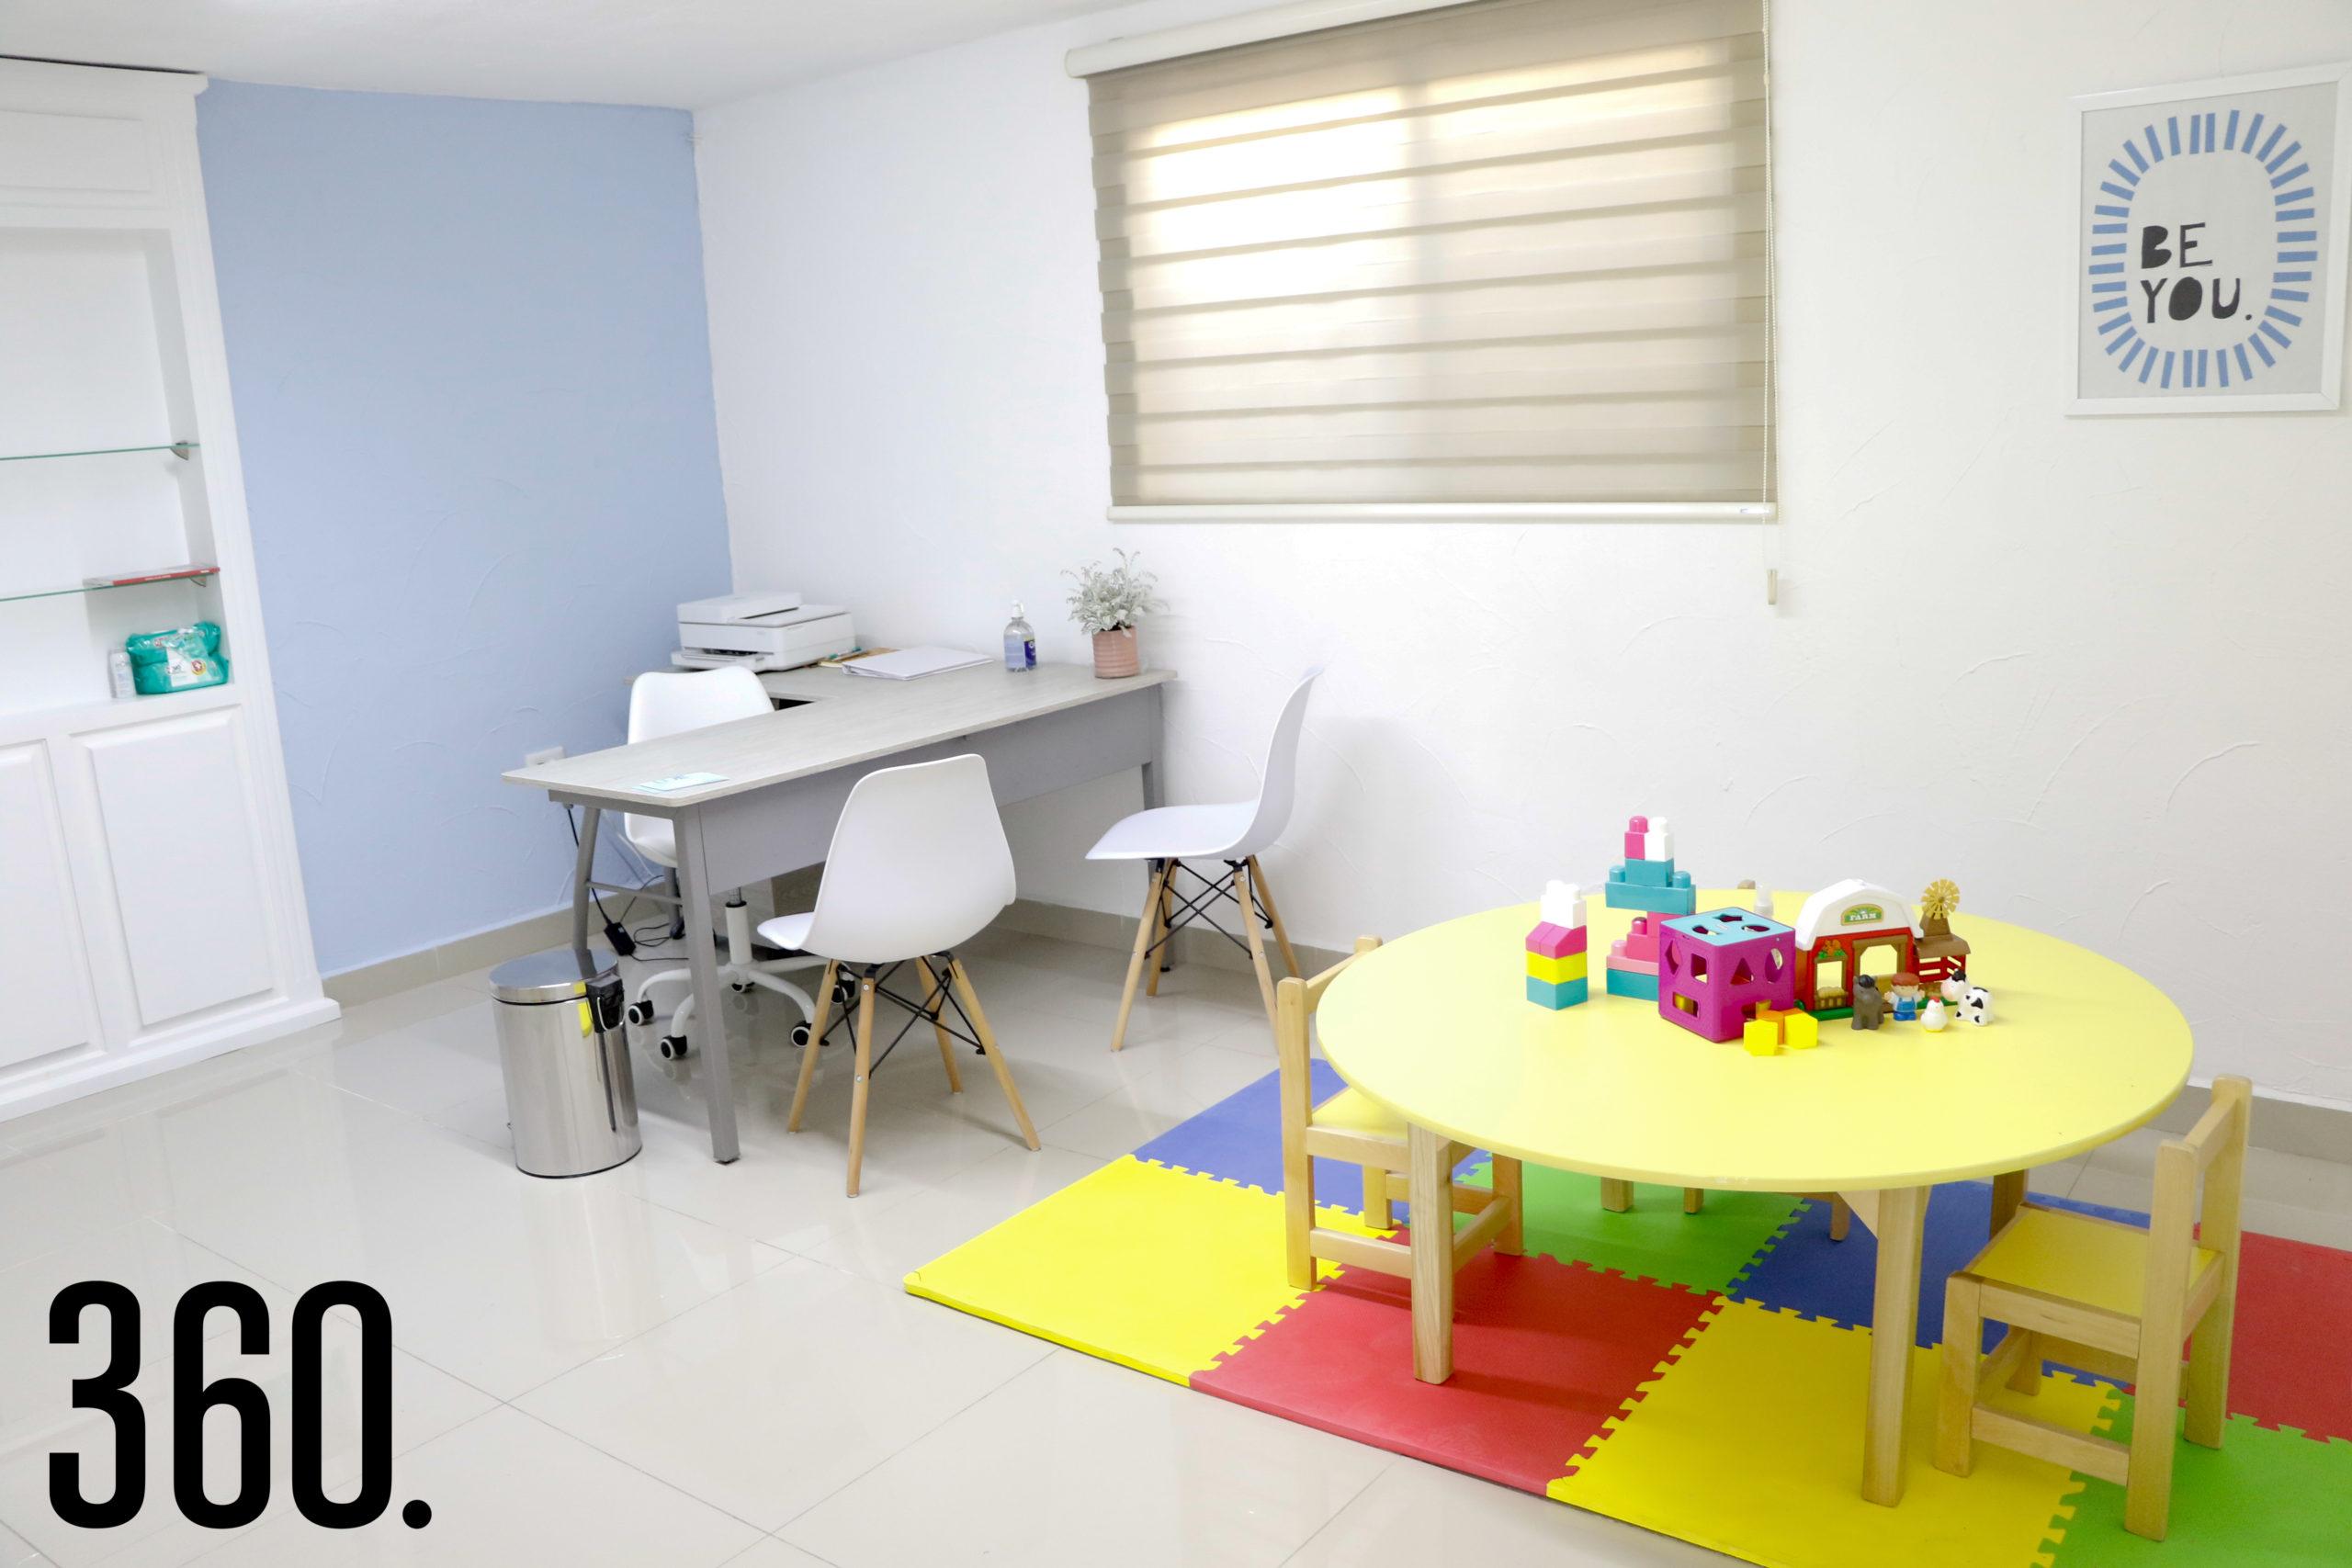 En este lugar no solo los niños aprenden a interactuar mejor, también sus padres adquieren mayor conocimiento sobre este trastorno.